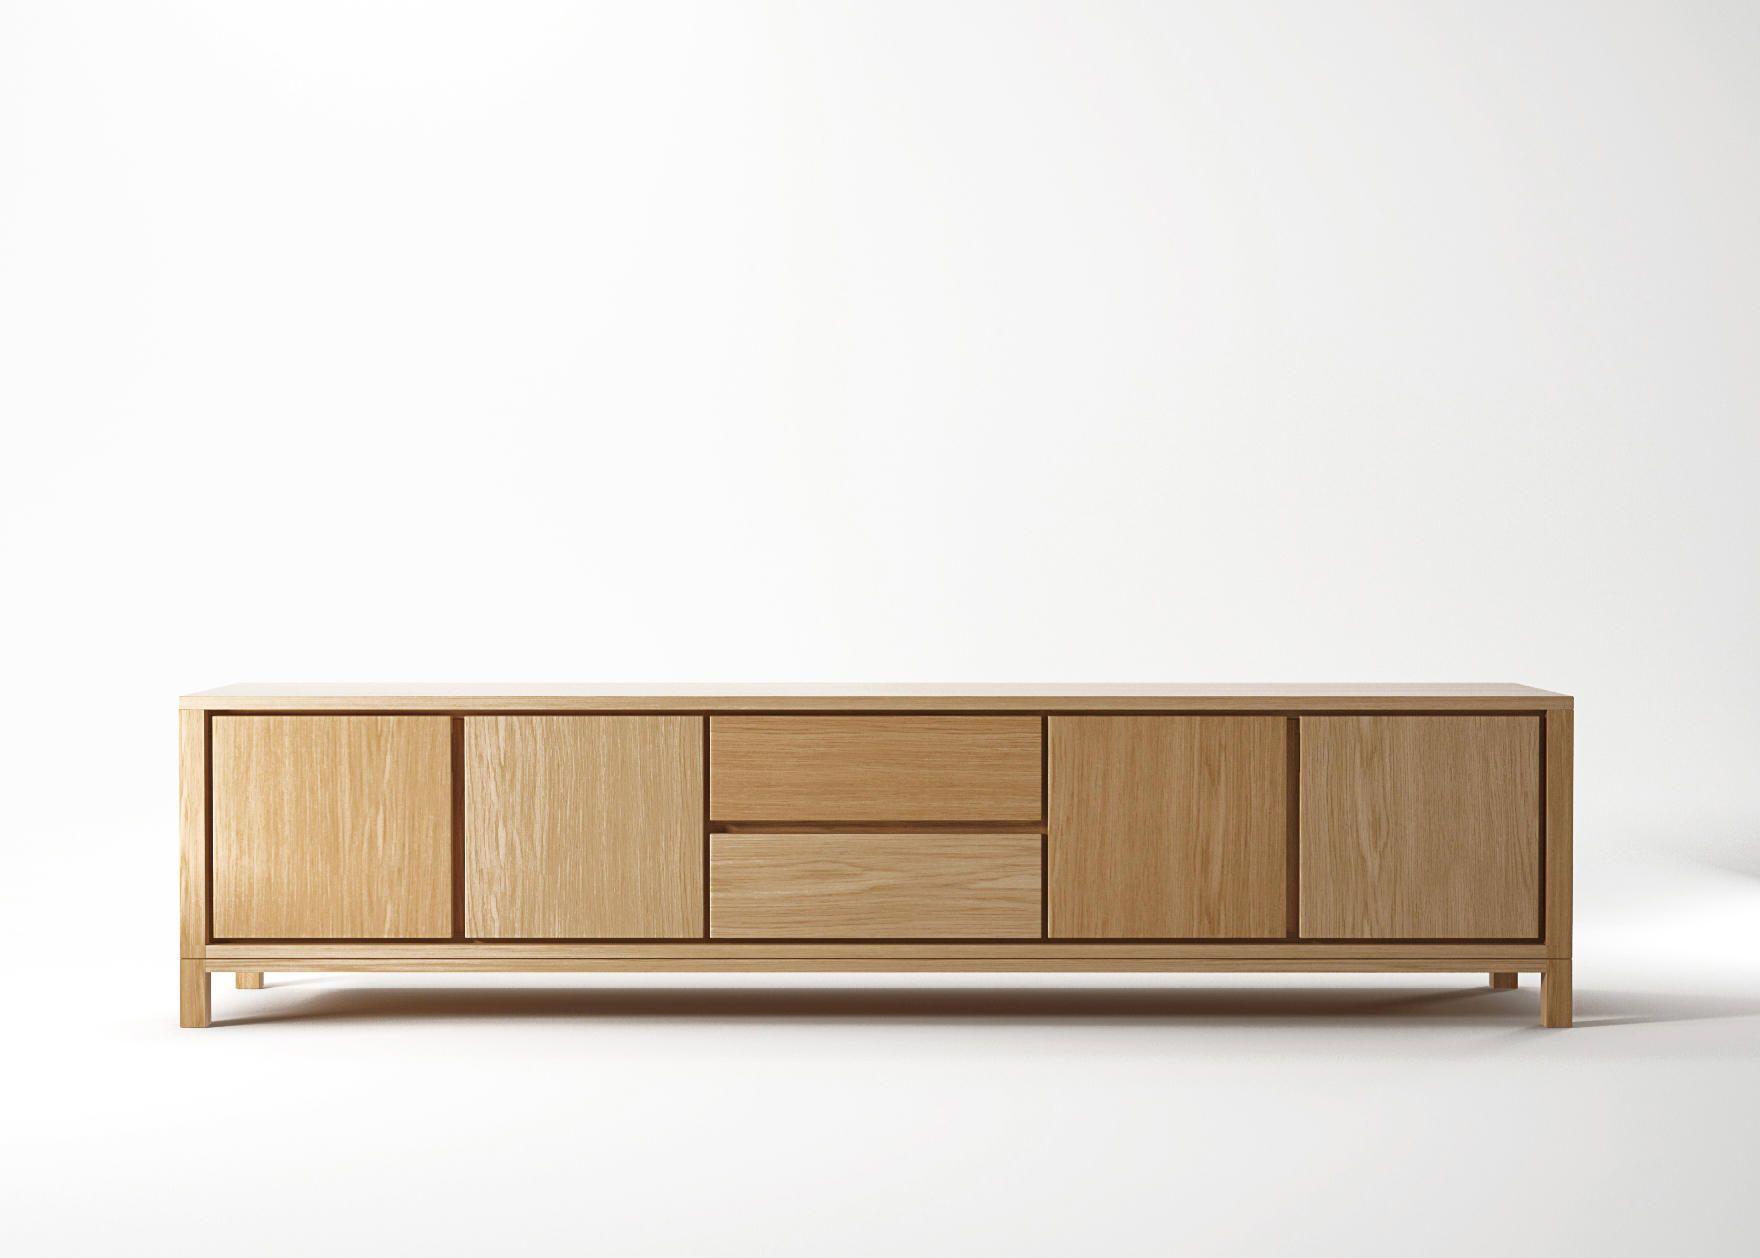 Solid Sideboard 4 Doors 2 Drawers Sideboards By Karpenter